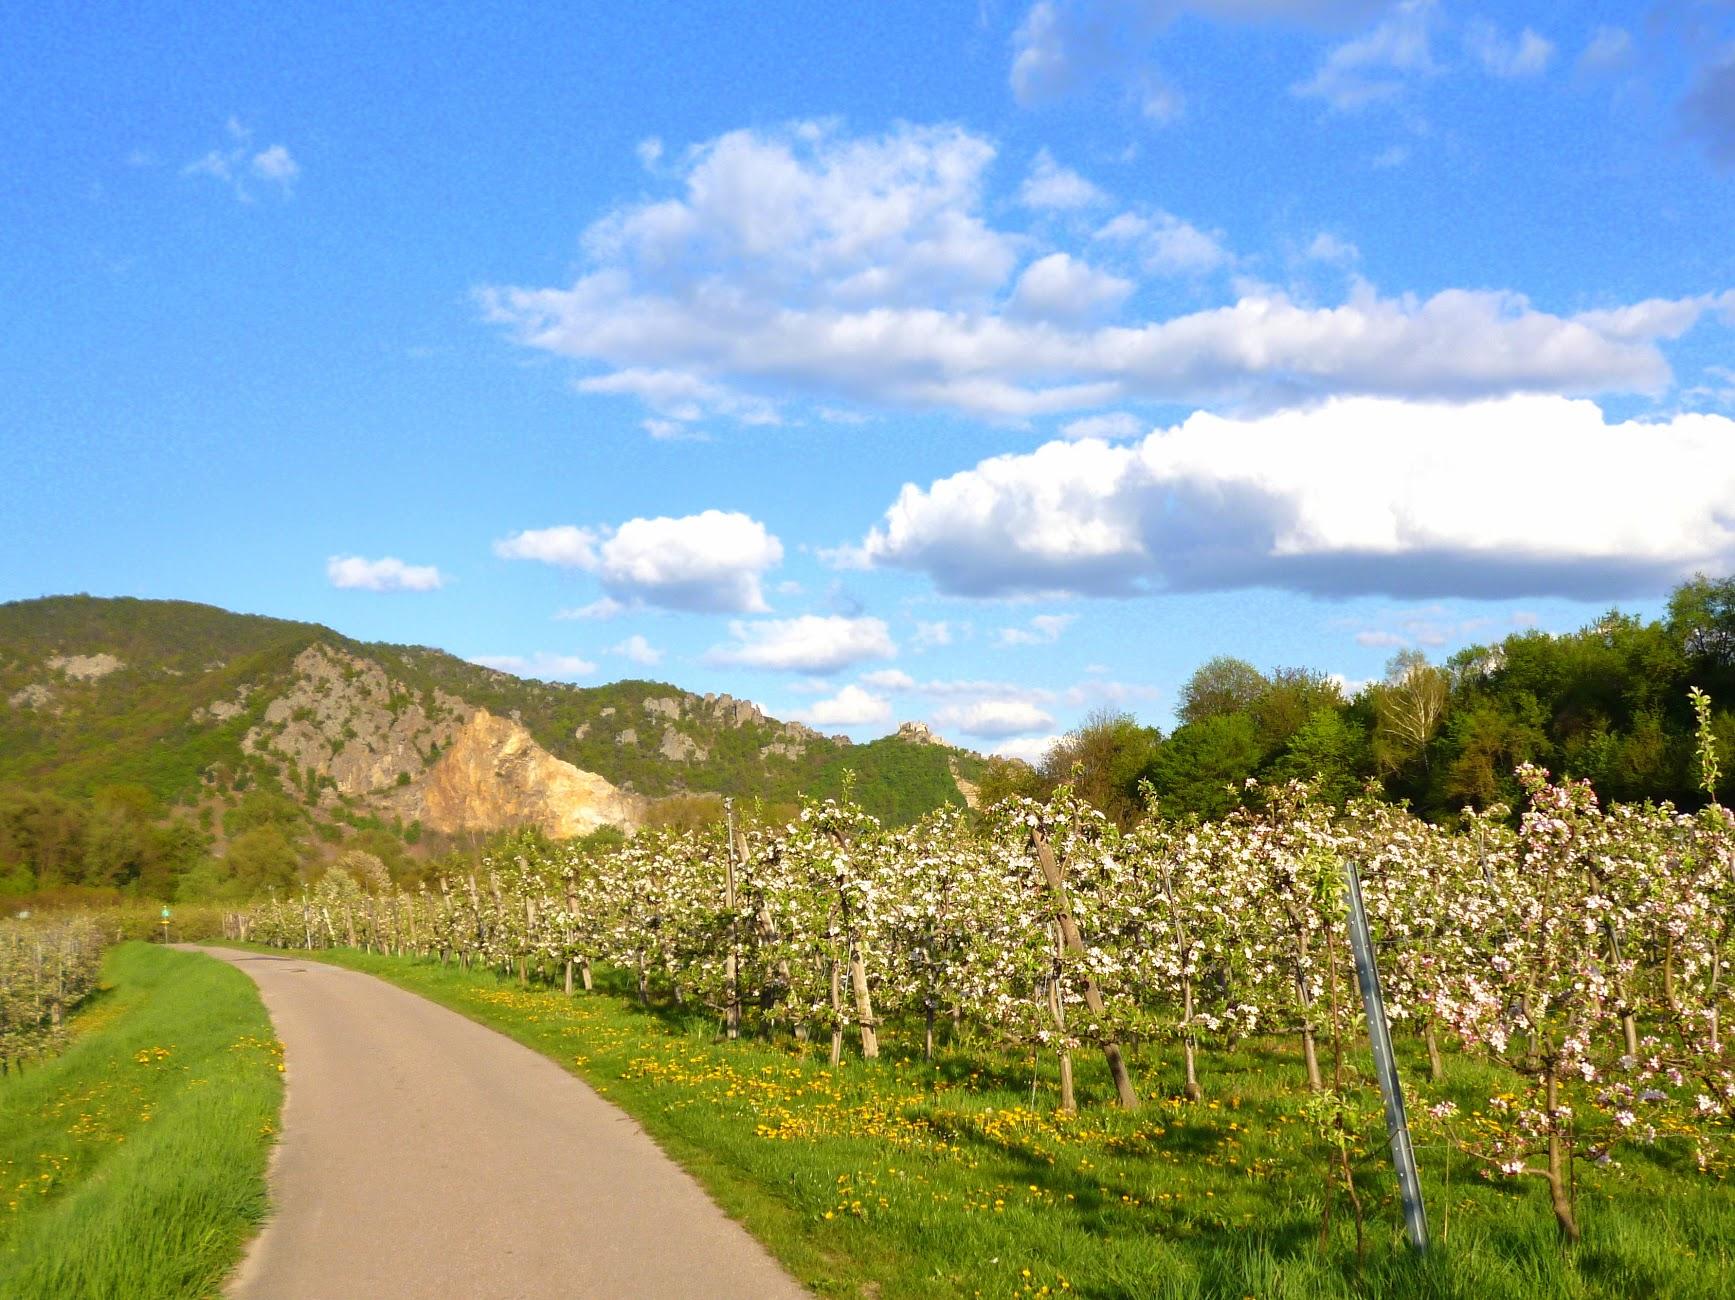 Bloom of the Marillen trees